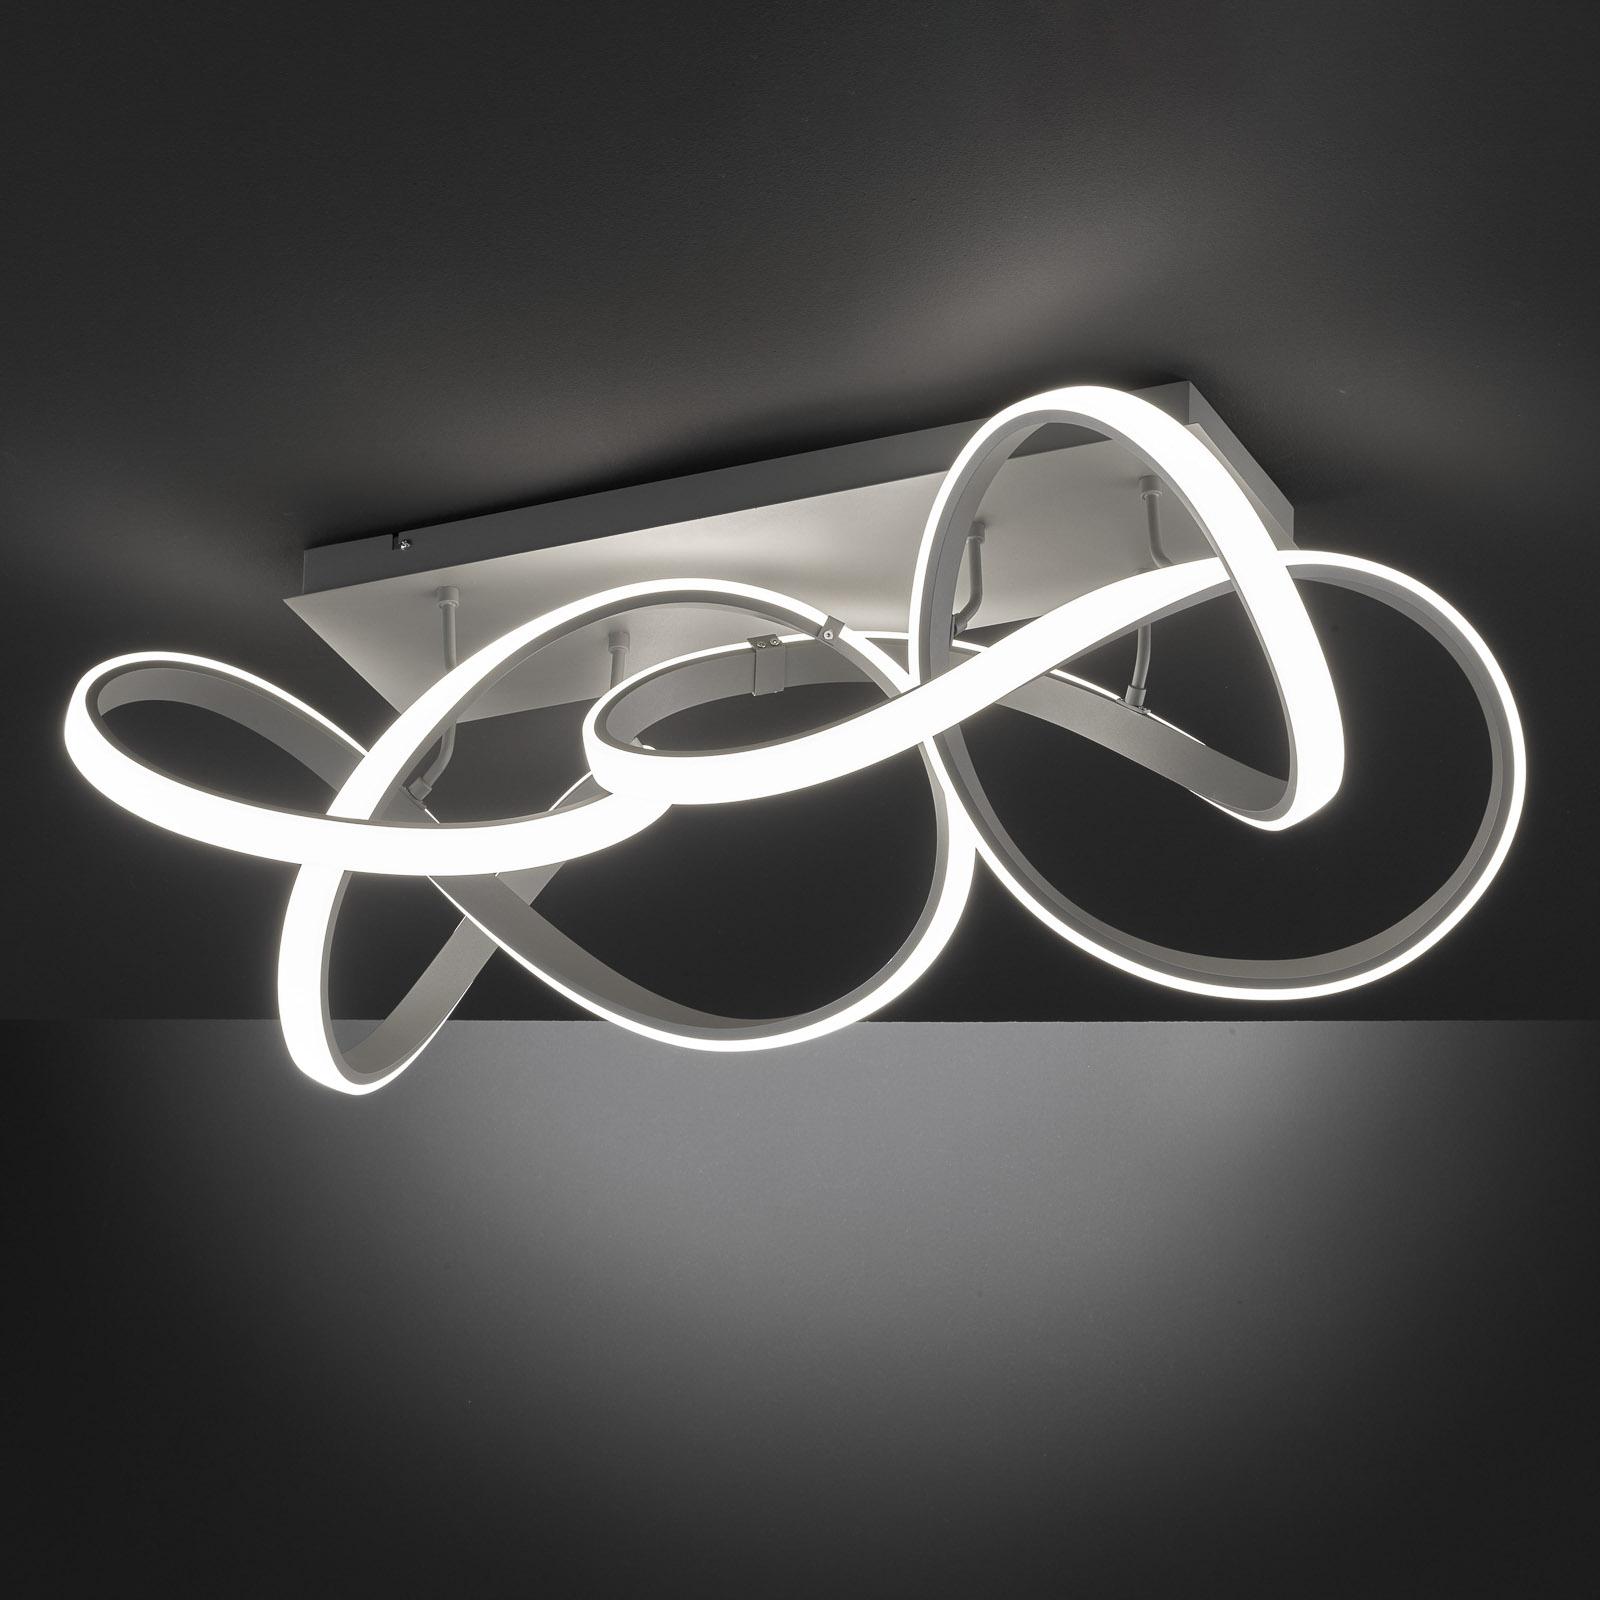 LED-taklampe Indigo, 2 lyskilder, antrasitt